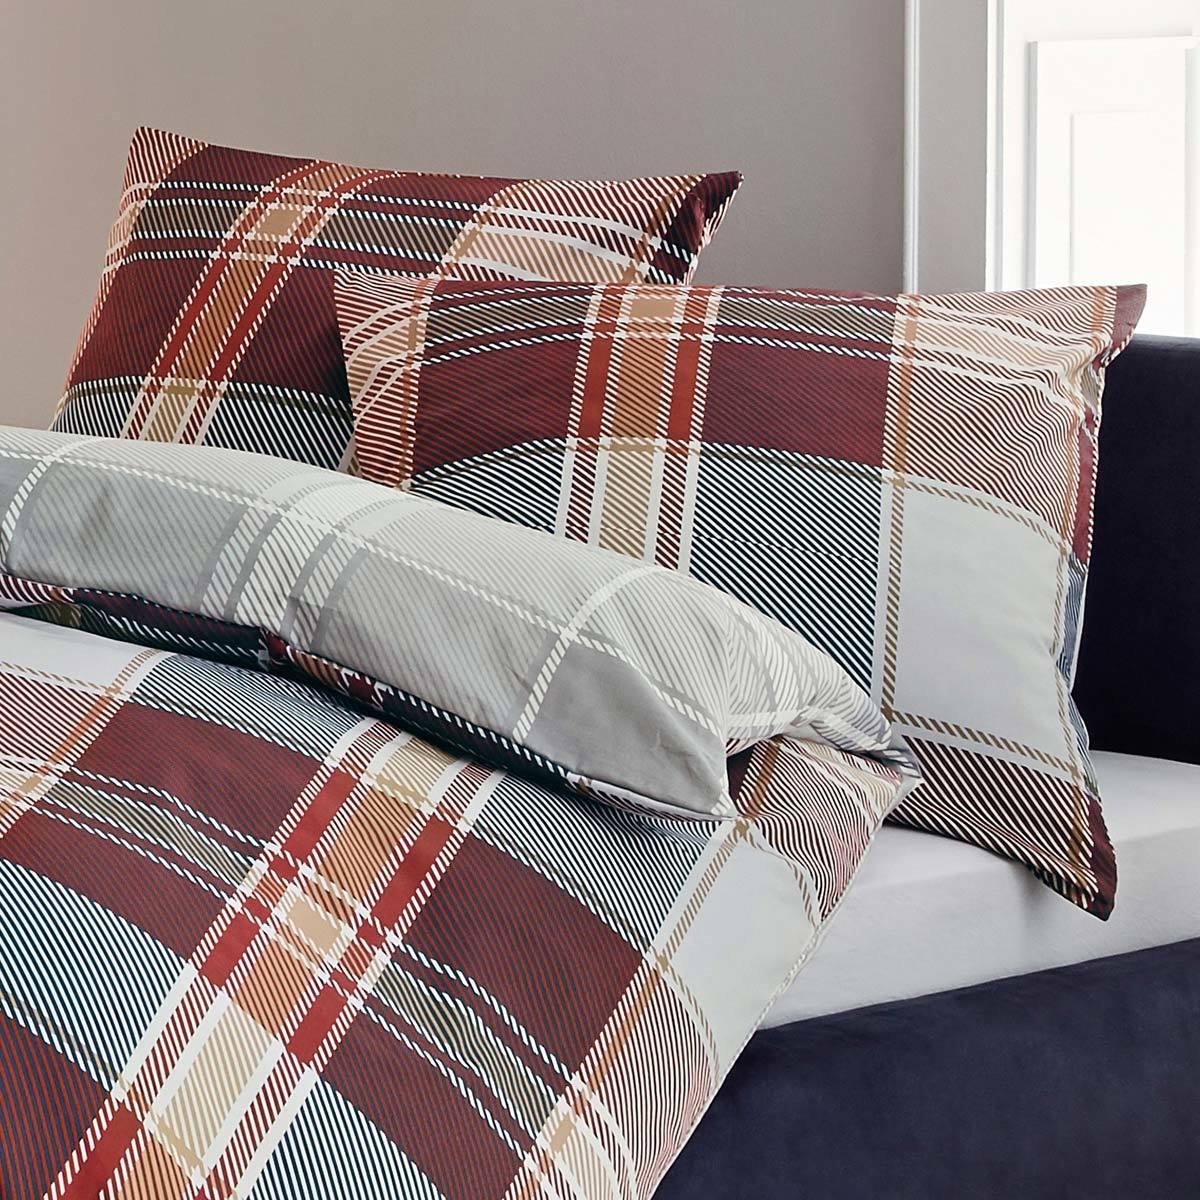 s oliver feinflanell bettw sche 6140 460 g nstig online kaufen bei bettwaren shop. Black Bedroom Furniture Sets. Home Design Ideas